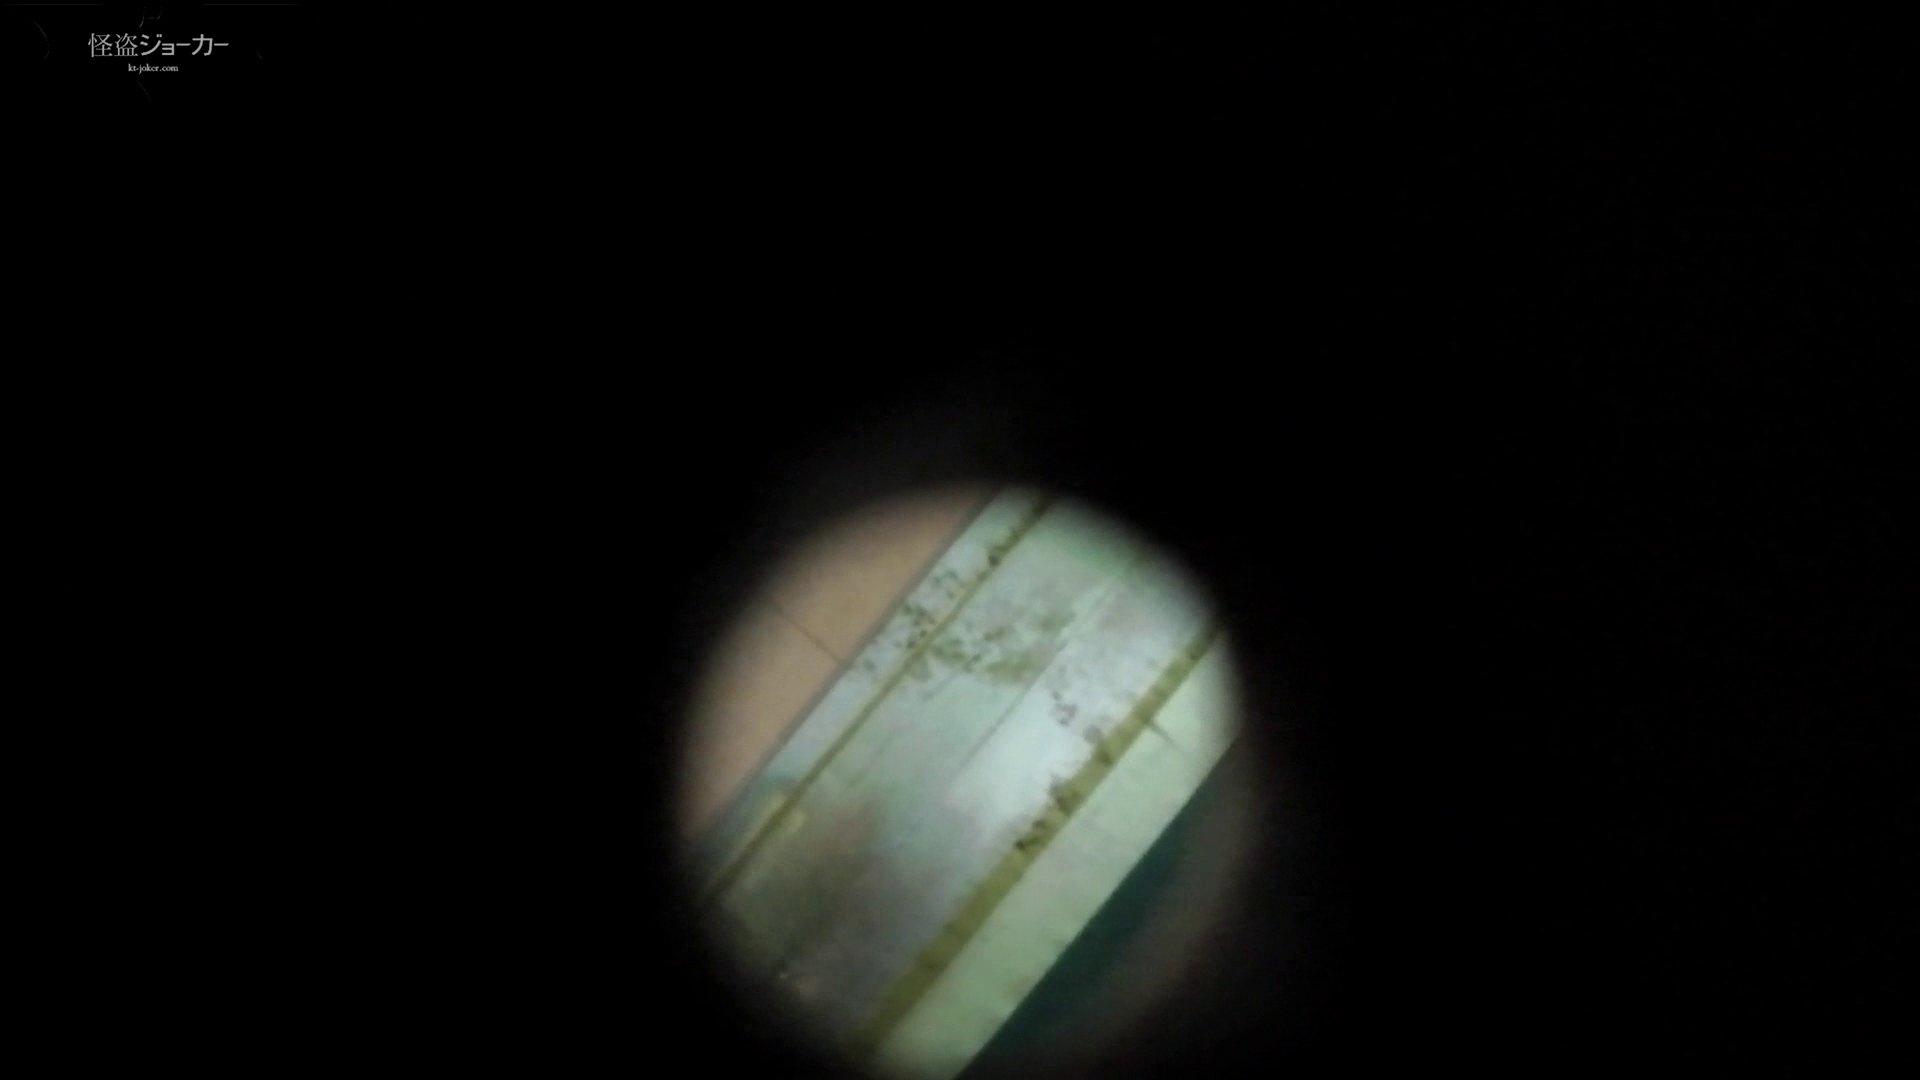 世界の射窓から ステーション編 vol.22 リベンジもの | 0  94枚 89